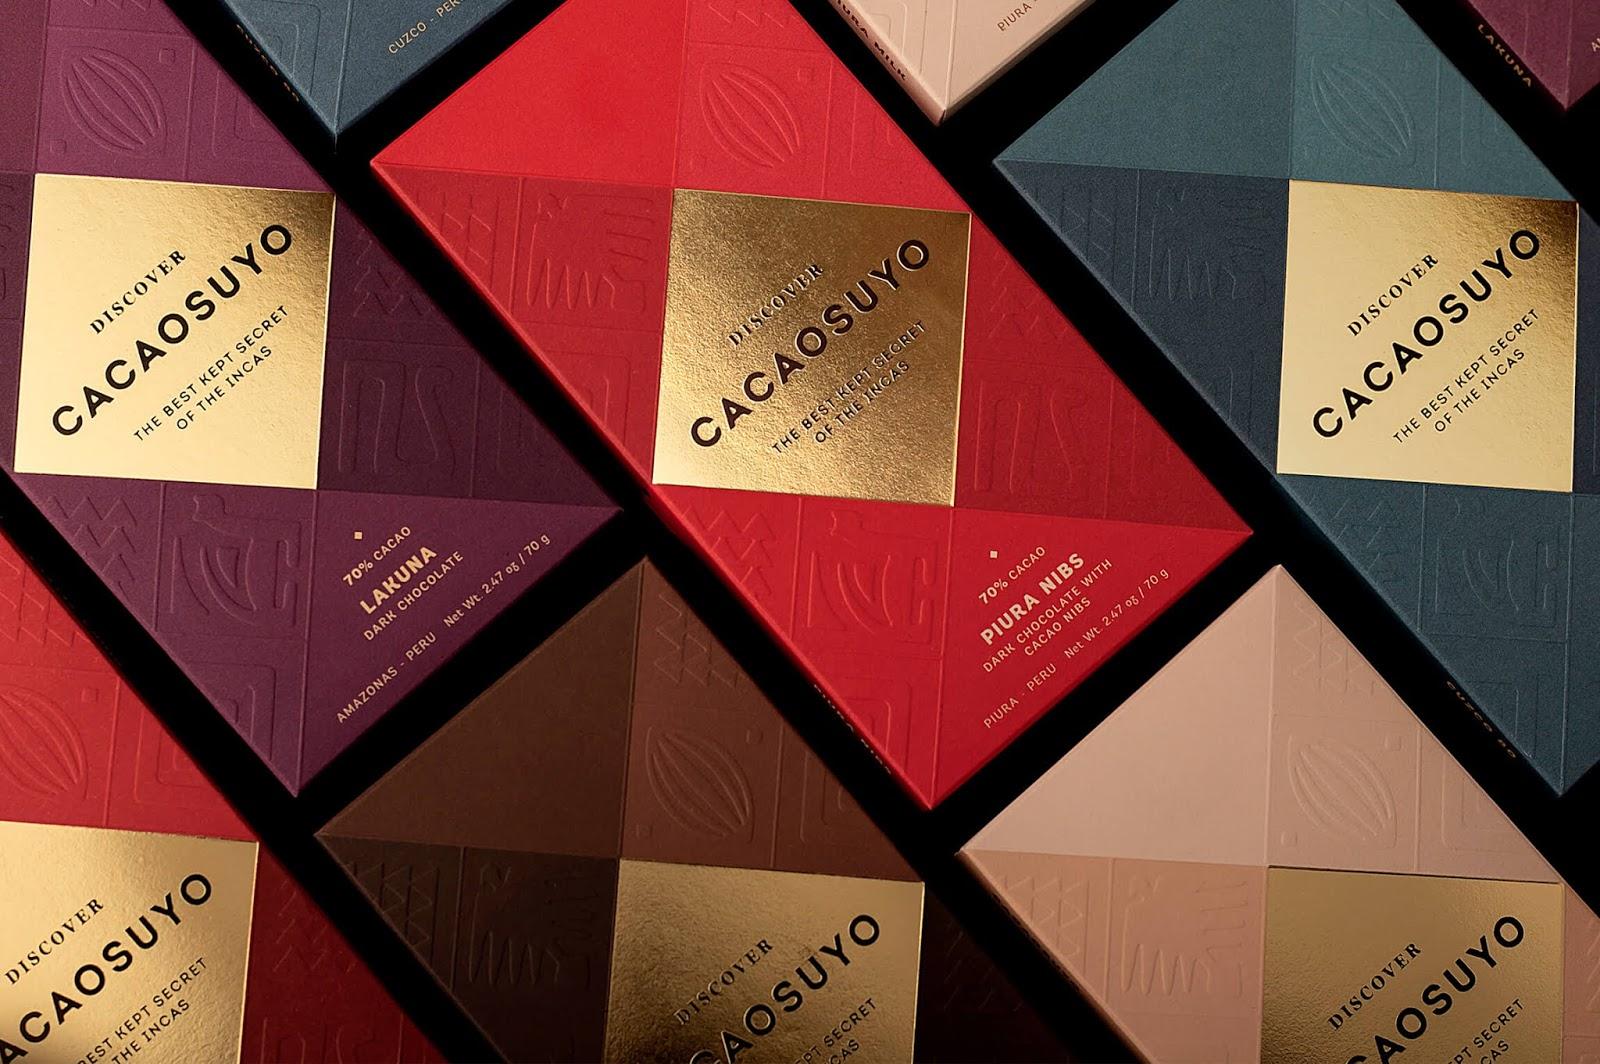 Cacaosuyo巧克力包装设计欣赏